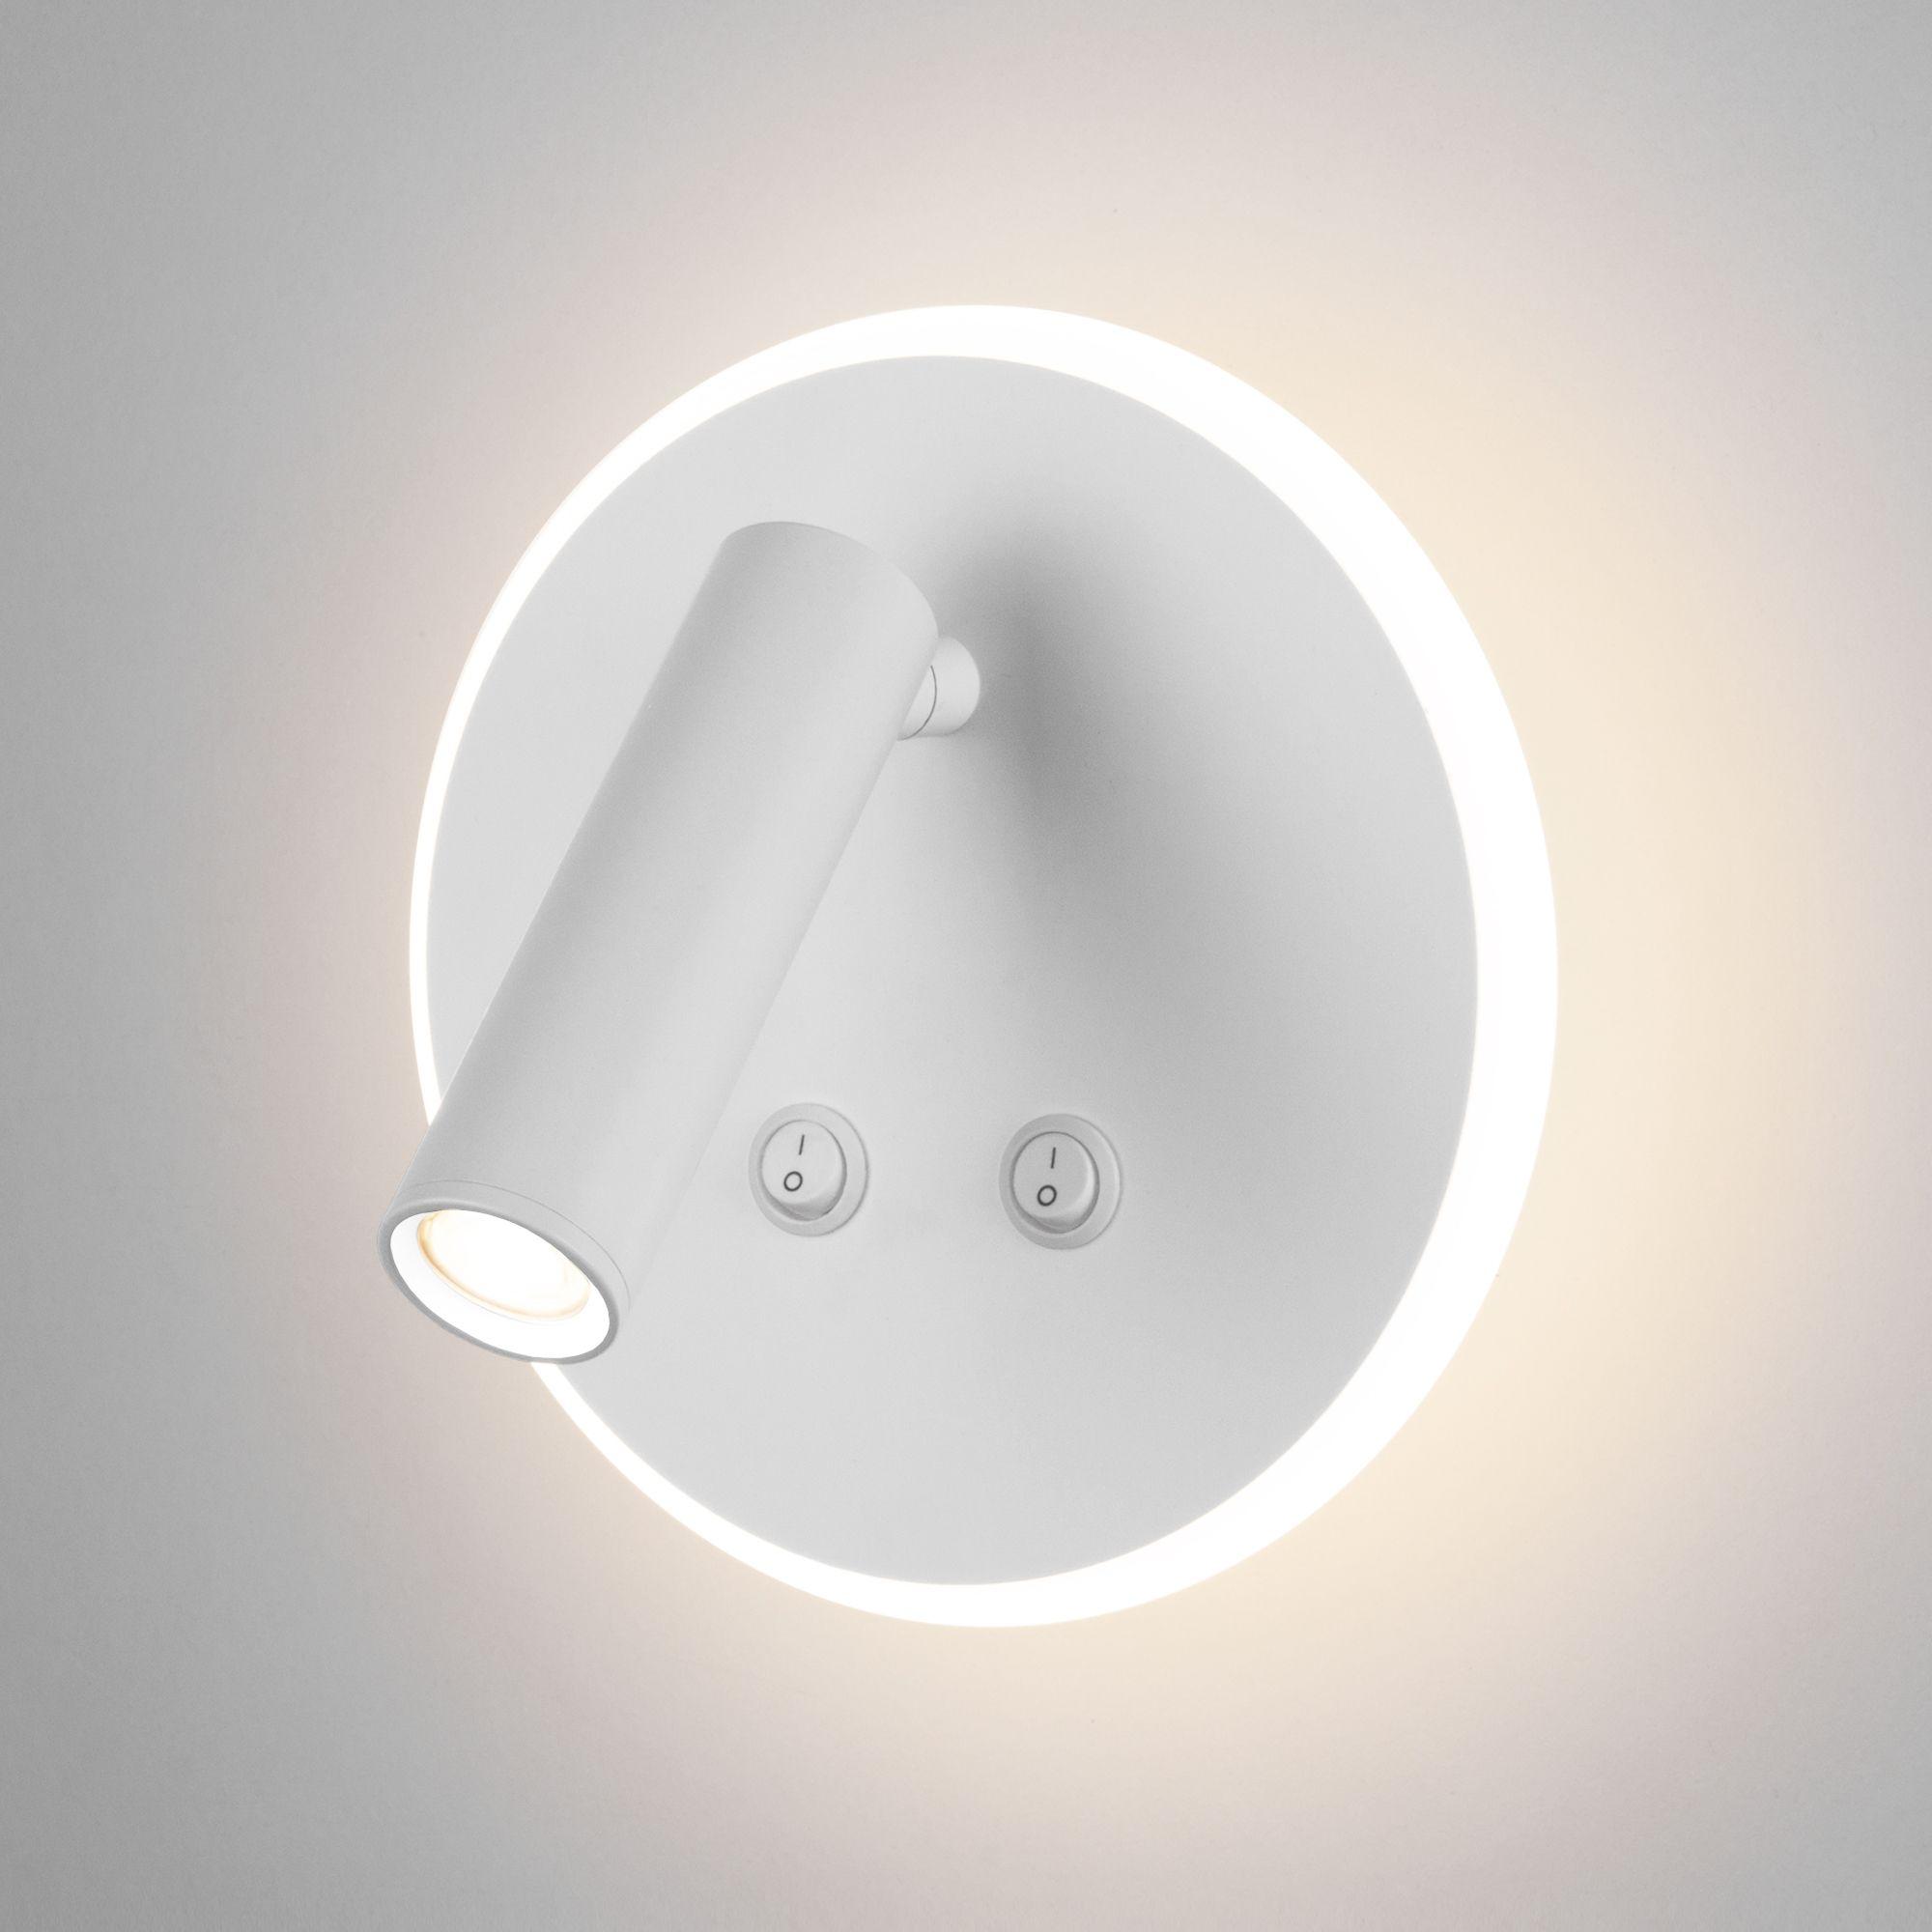 Настенный светодиодный светильник Tera LED MRL LED 1014 белый